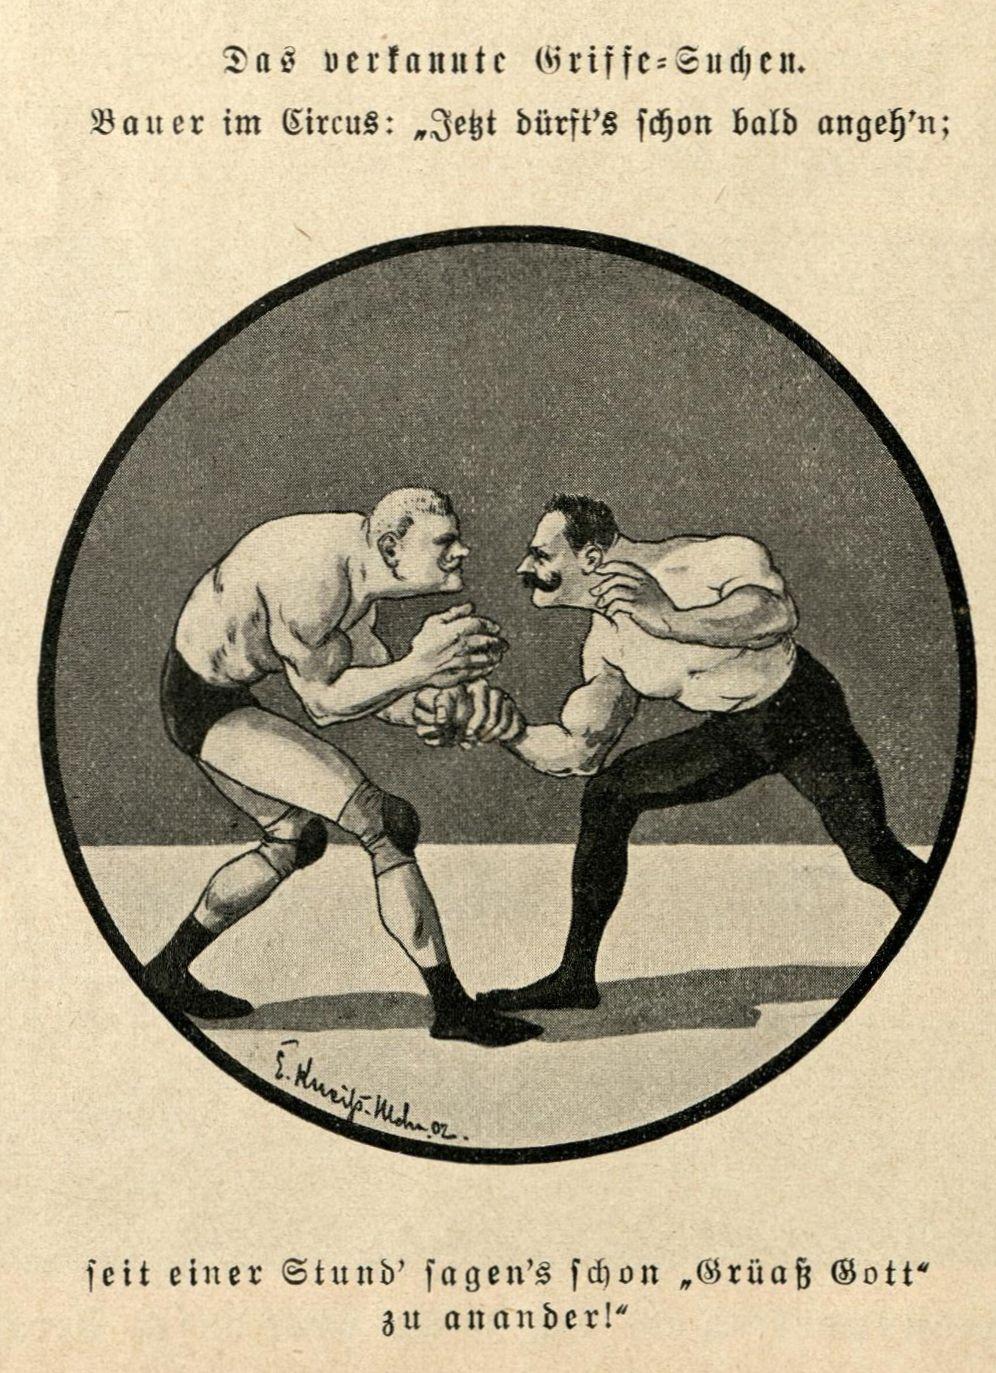 Bild: Zwei Ringer; Das verkannte Griffesuchen